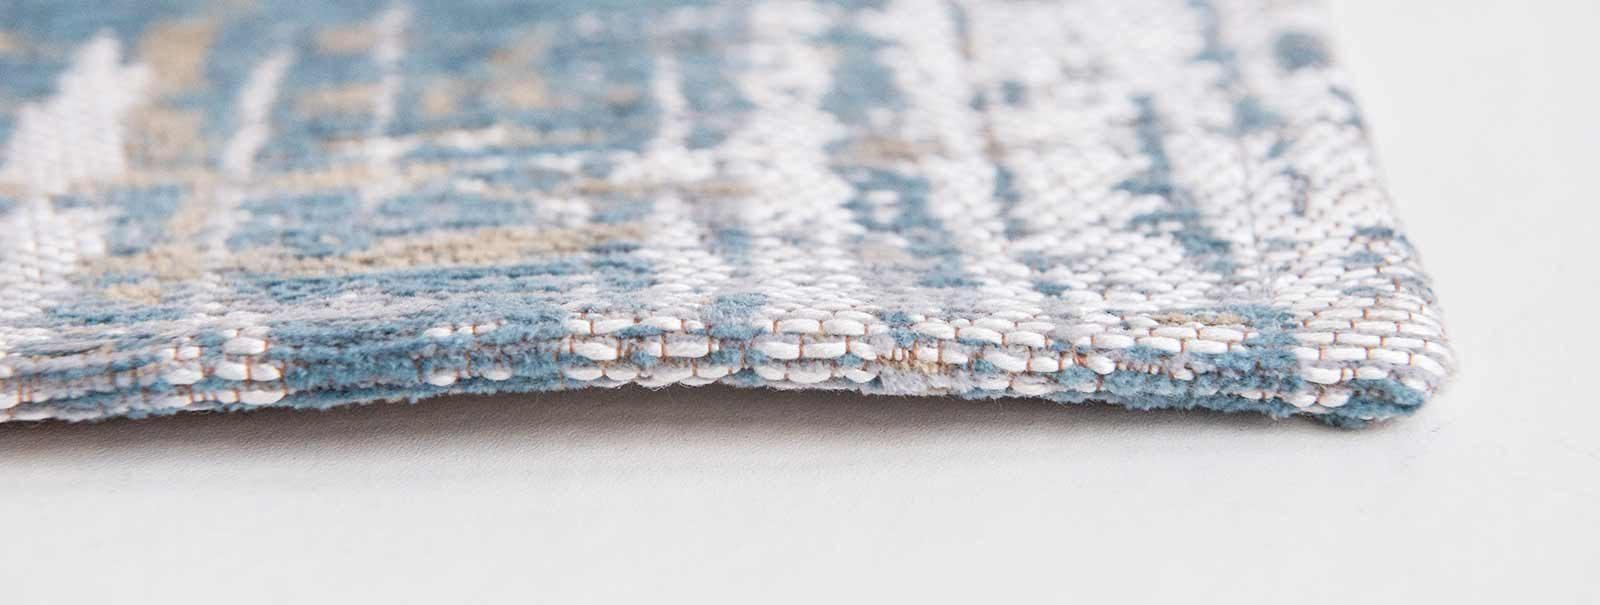 rugs Louis De Poortere LX8718 Atlantic Streaks Long Island side